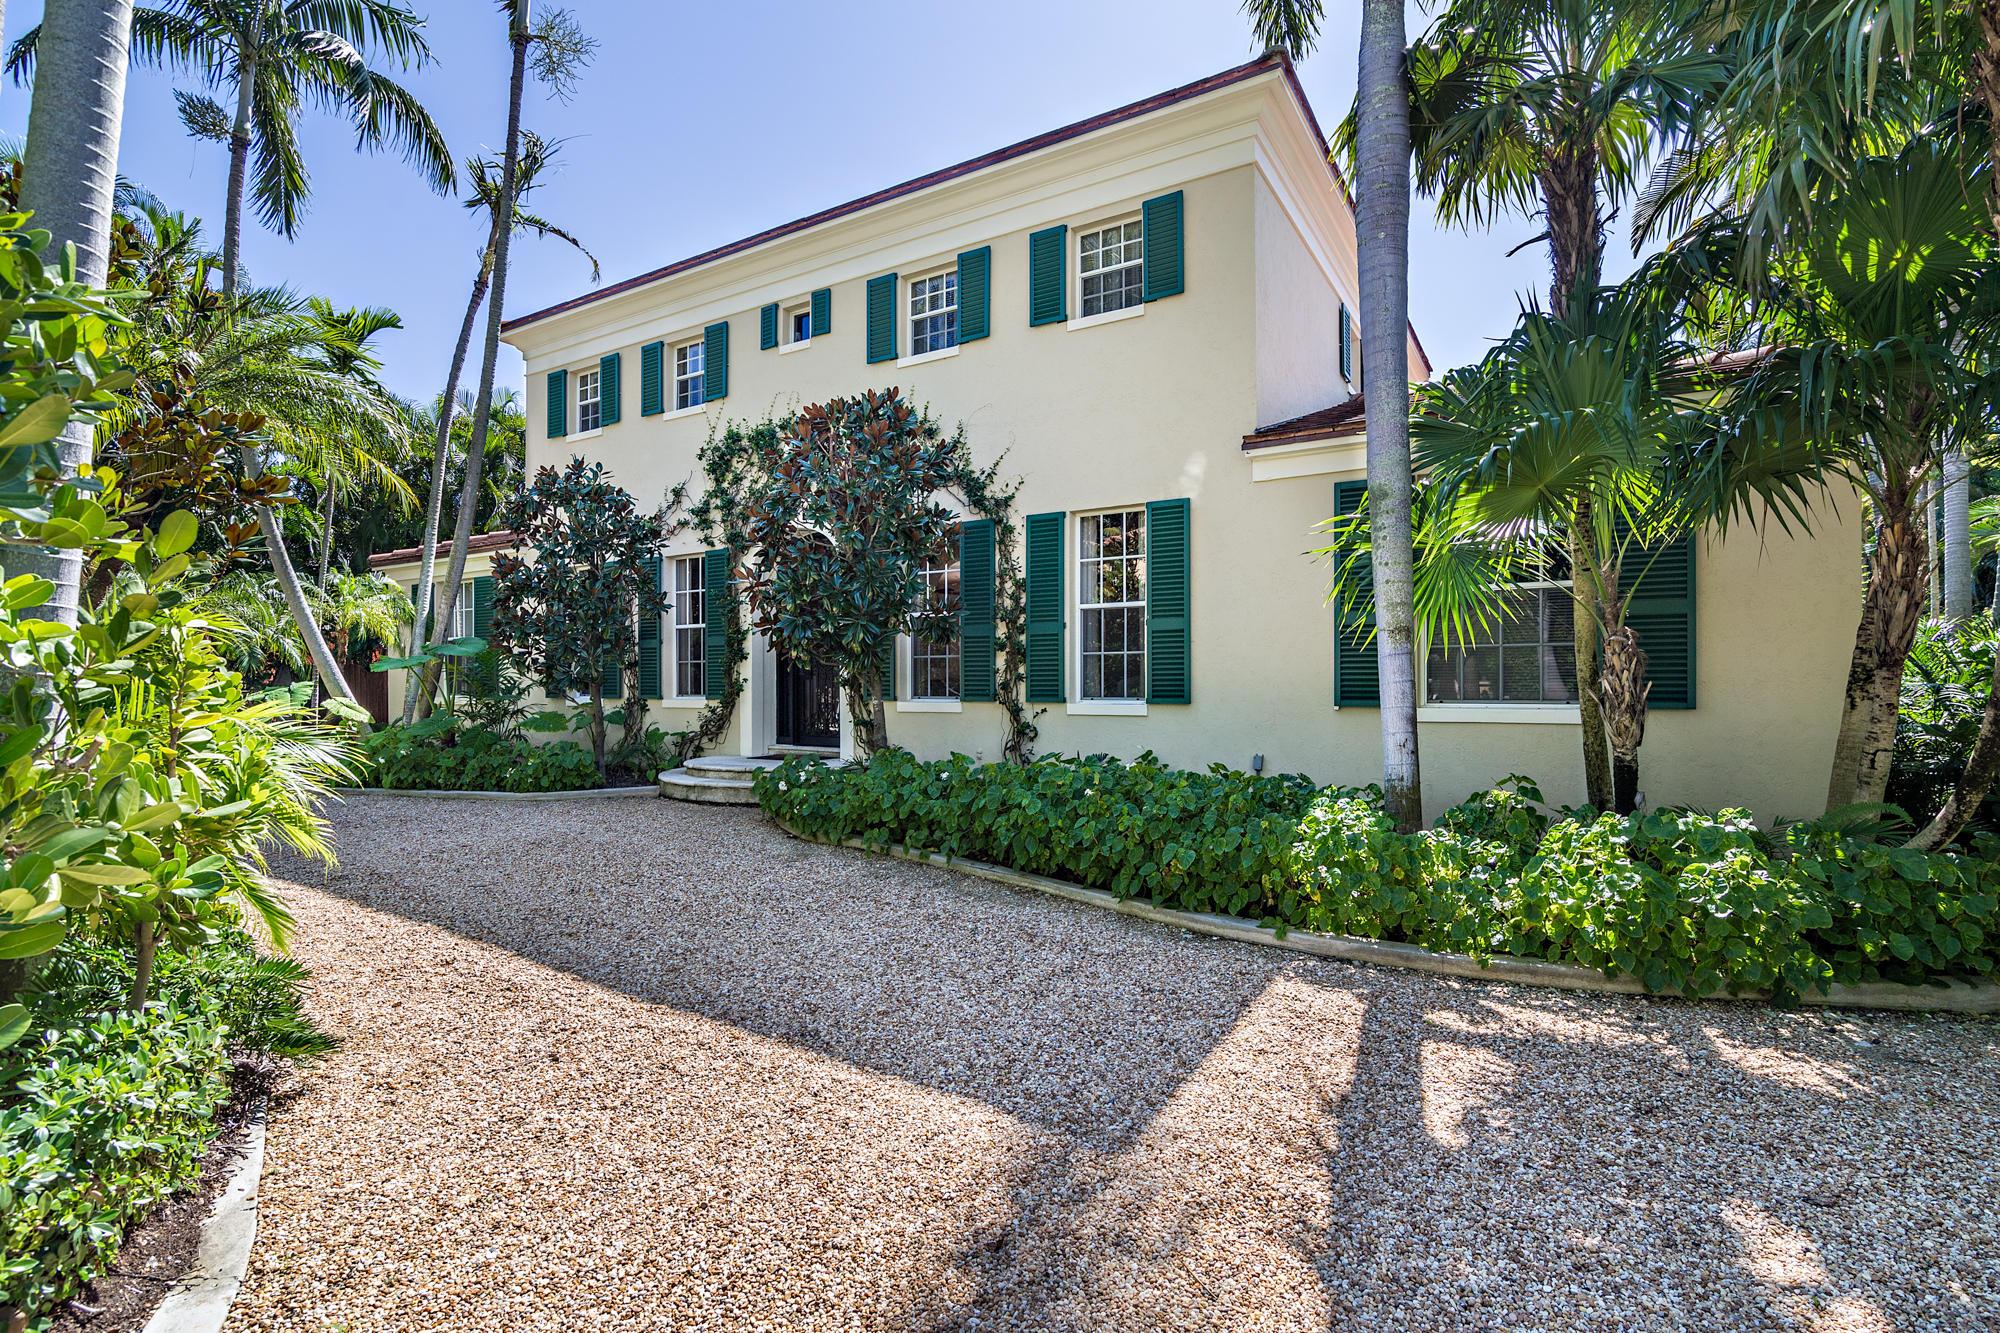 236 La Puerta Way, Palm Beach, Florida 33480, 4 Bedrooms Bedrooms, ,3.1 BathroomsBathrooms,Single Family,For Sale,La Puerta,RX-10574246